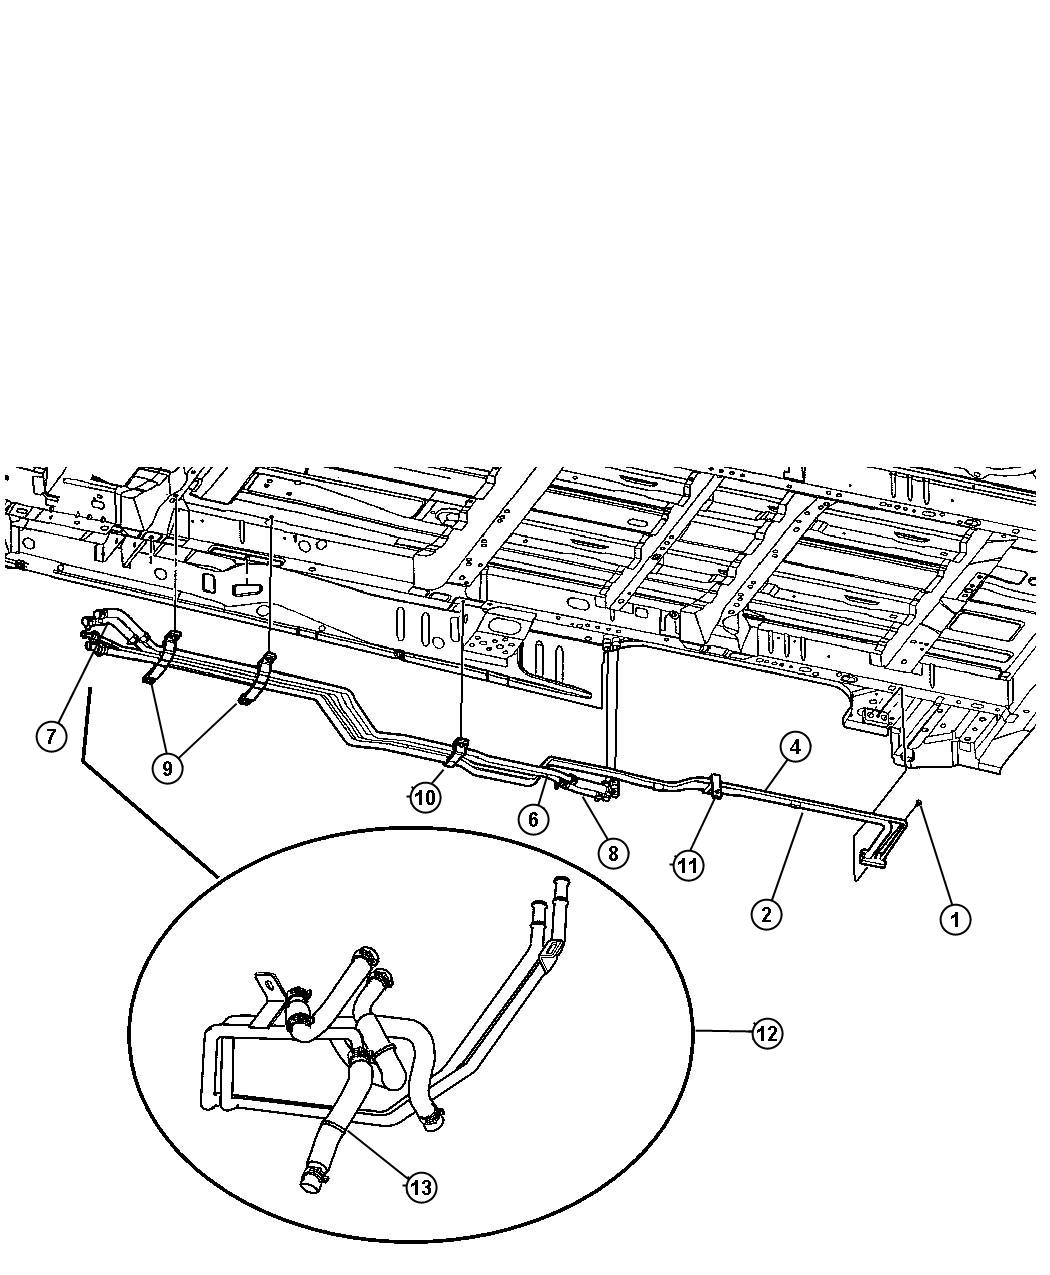 Dodge Grand Caravan Plumbing Underbody Rear